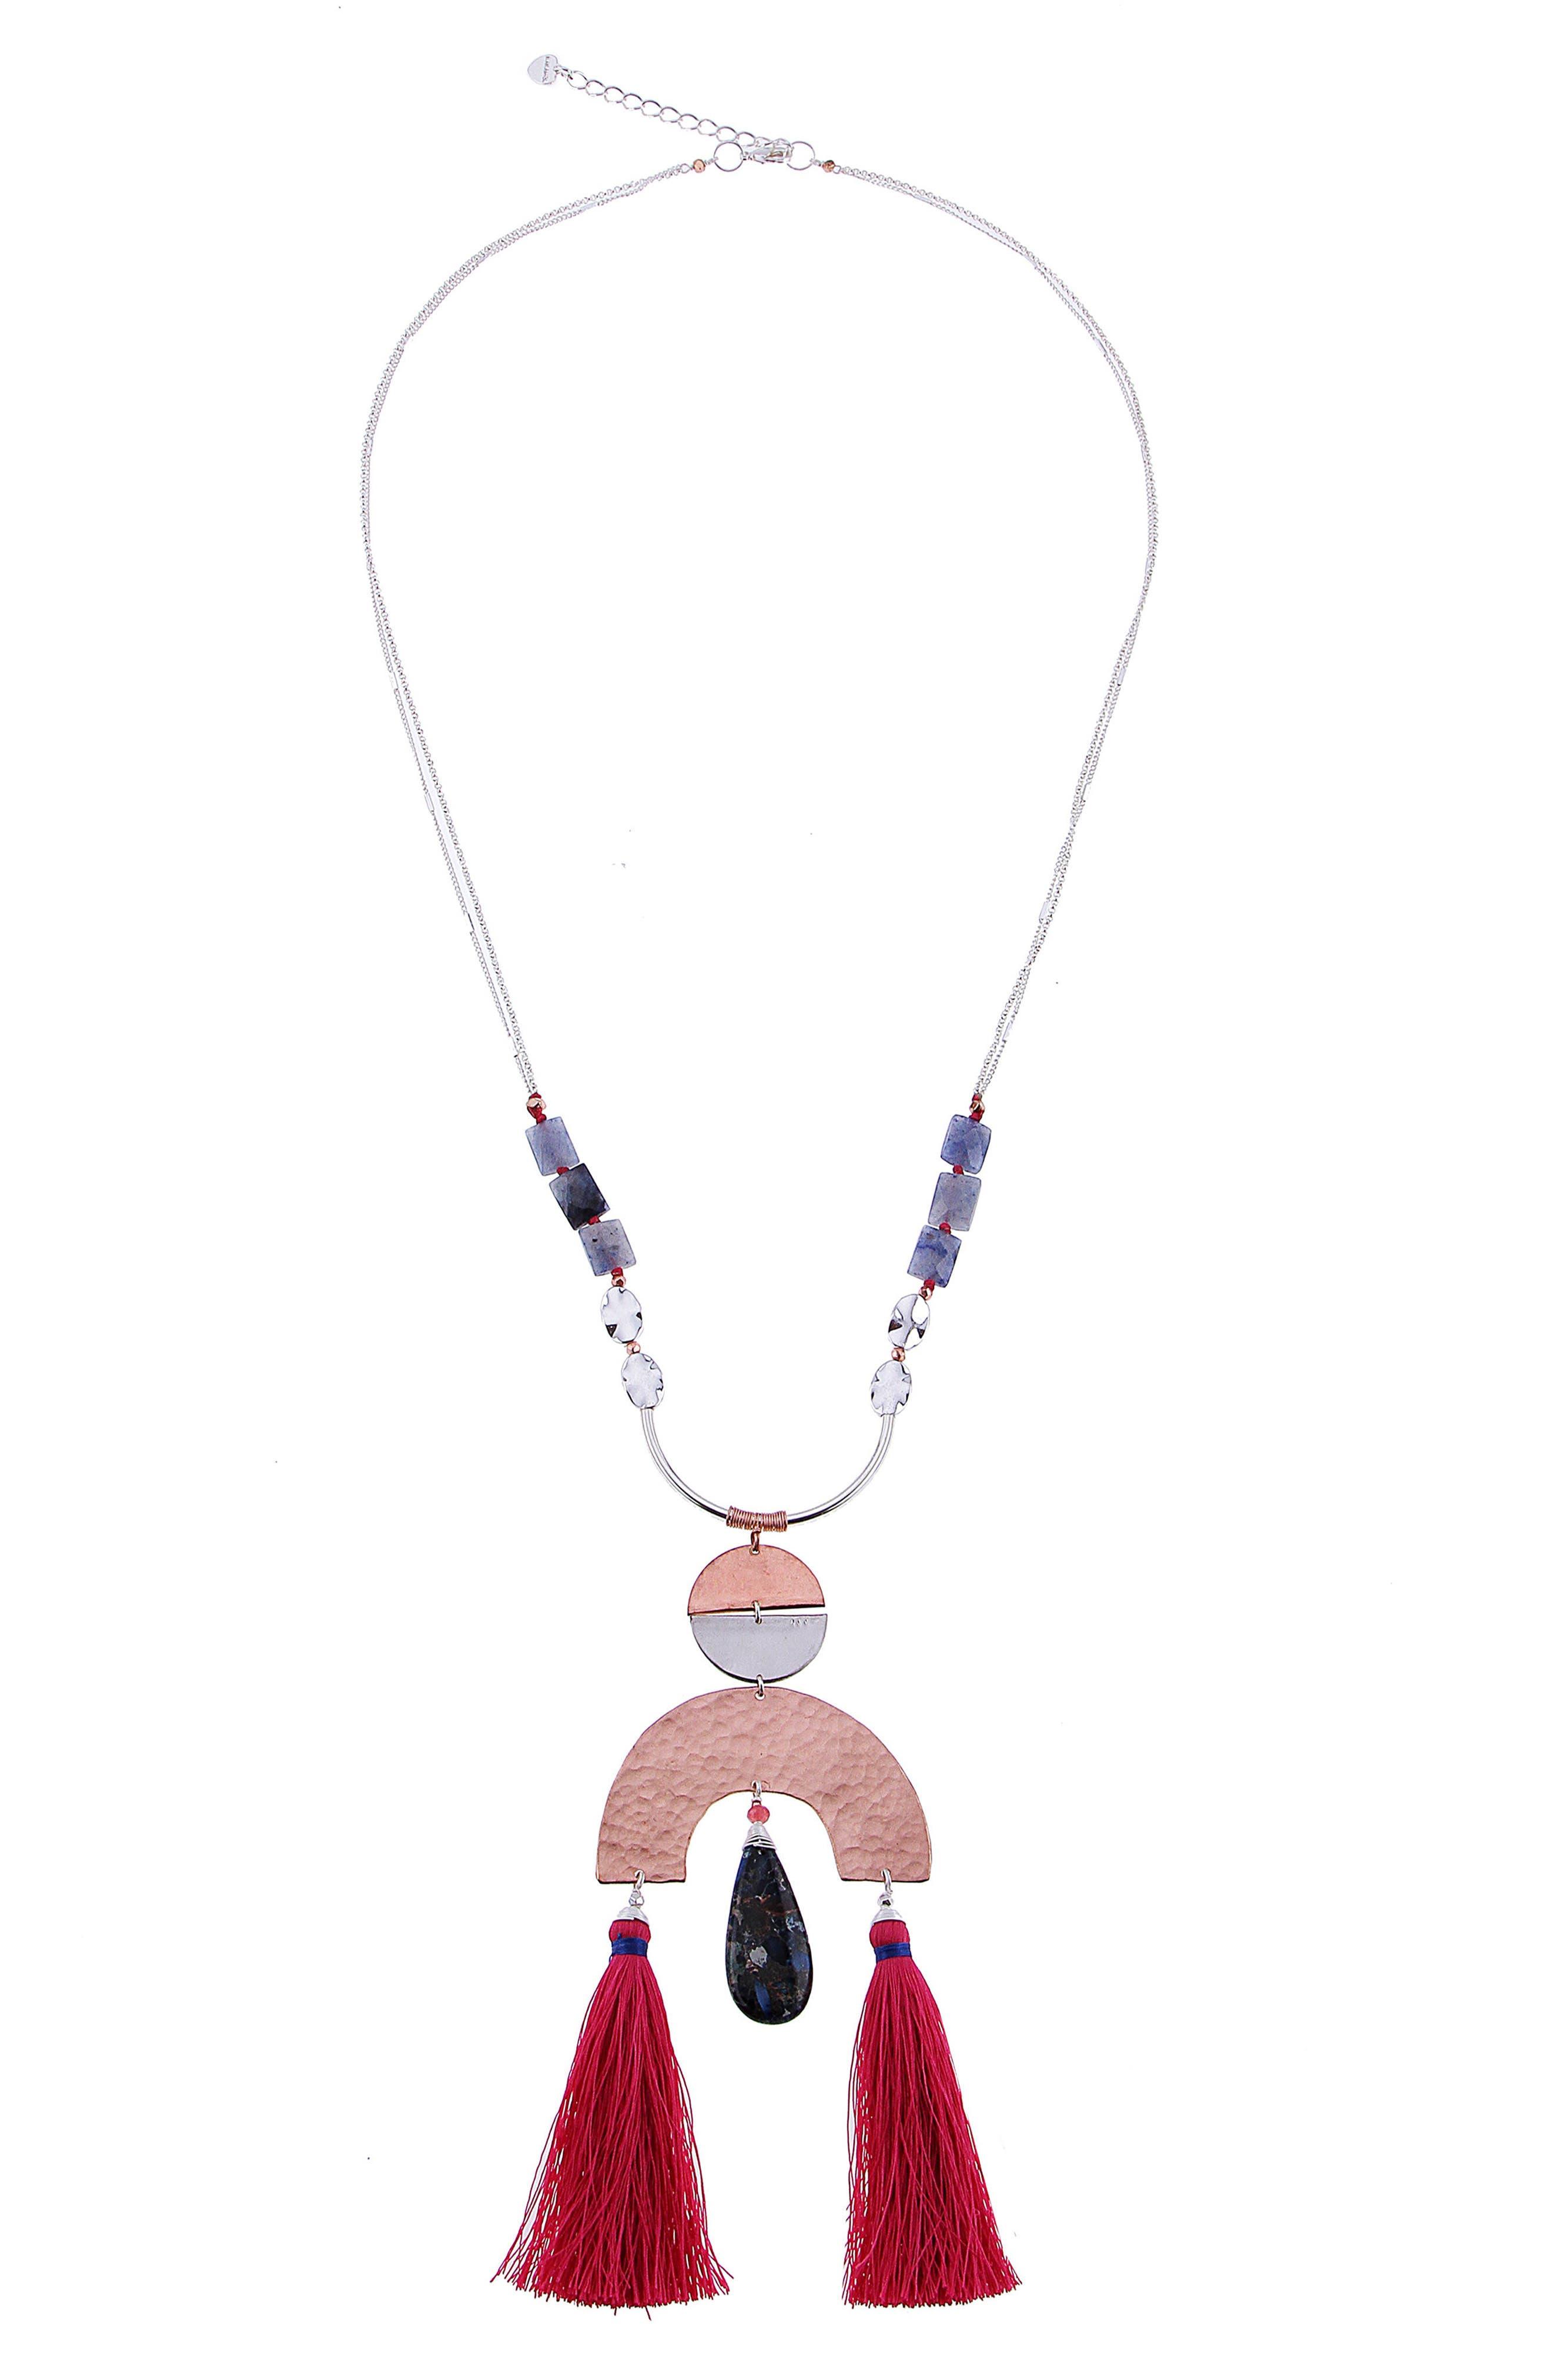 Double Tassel Agate Pendant Necklace,                         Main,                         color, 400